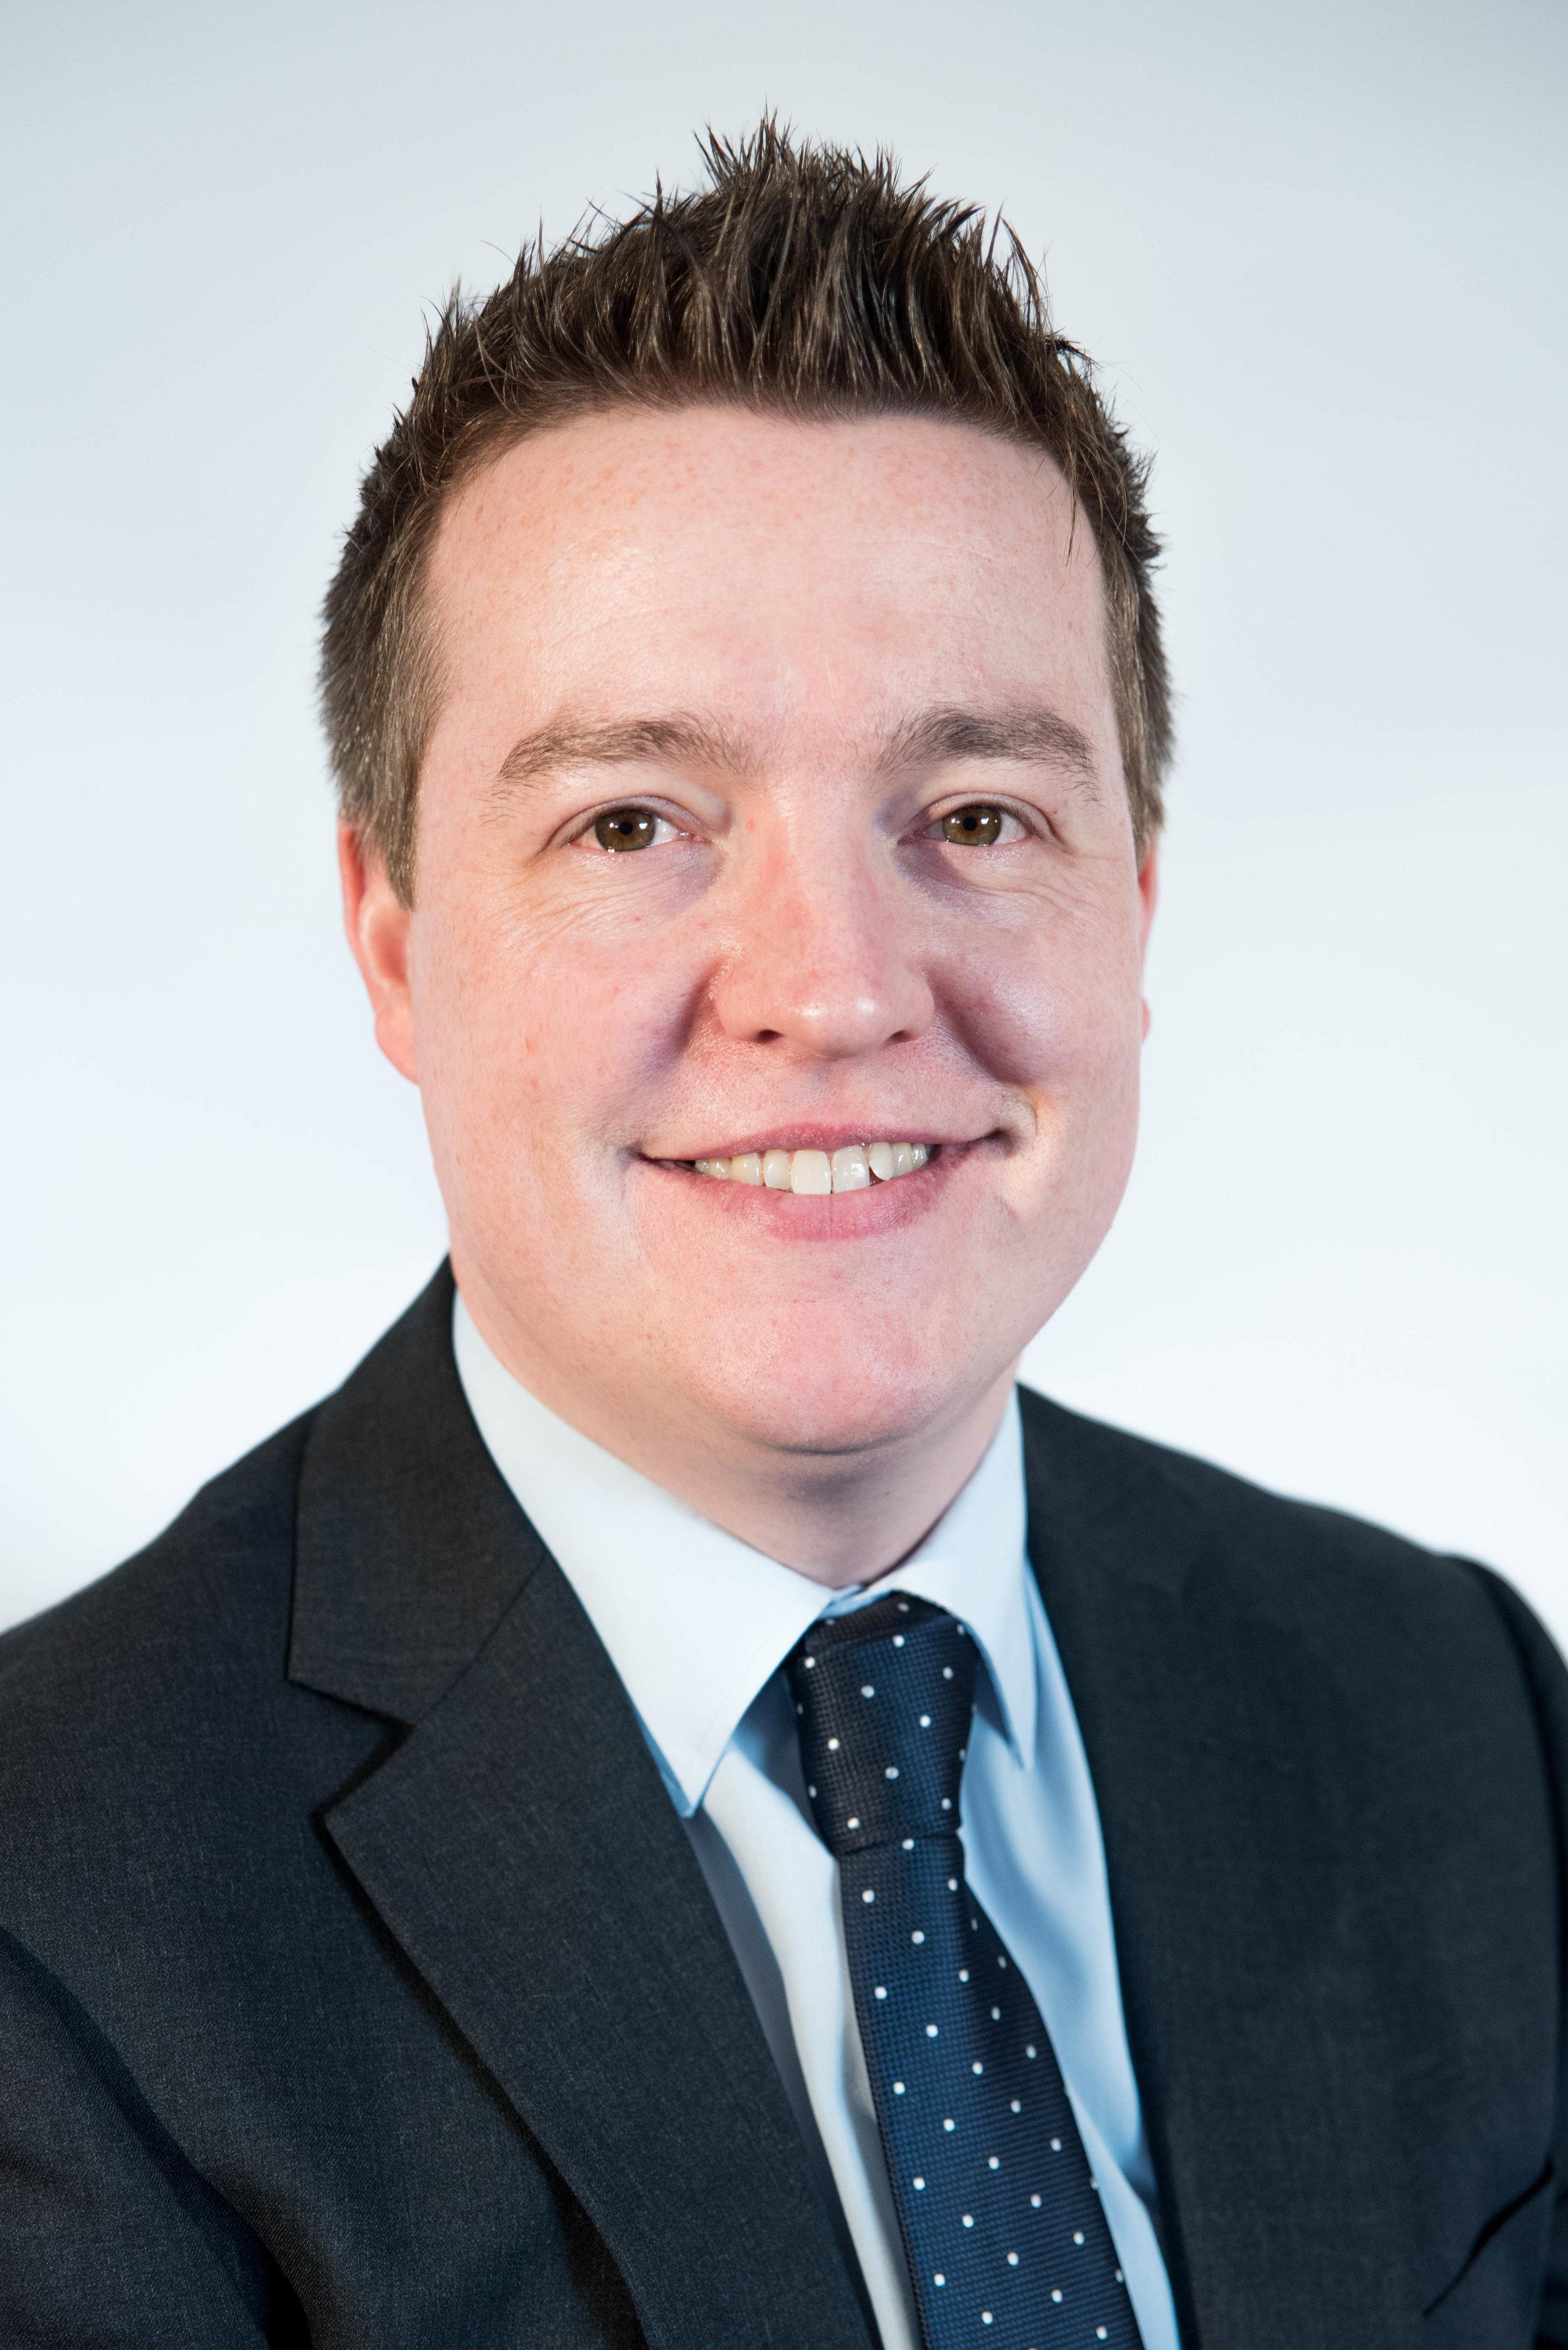 Martyn Cosh